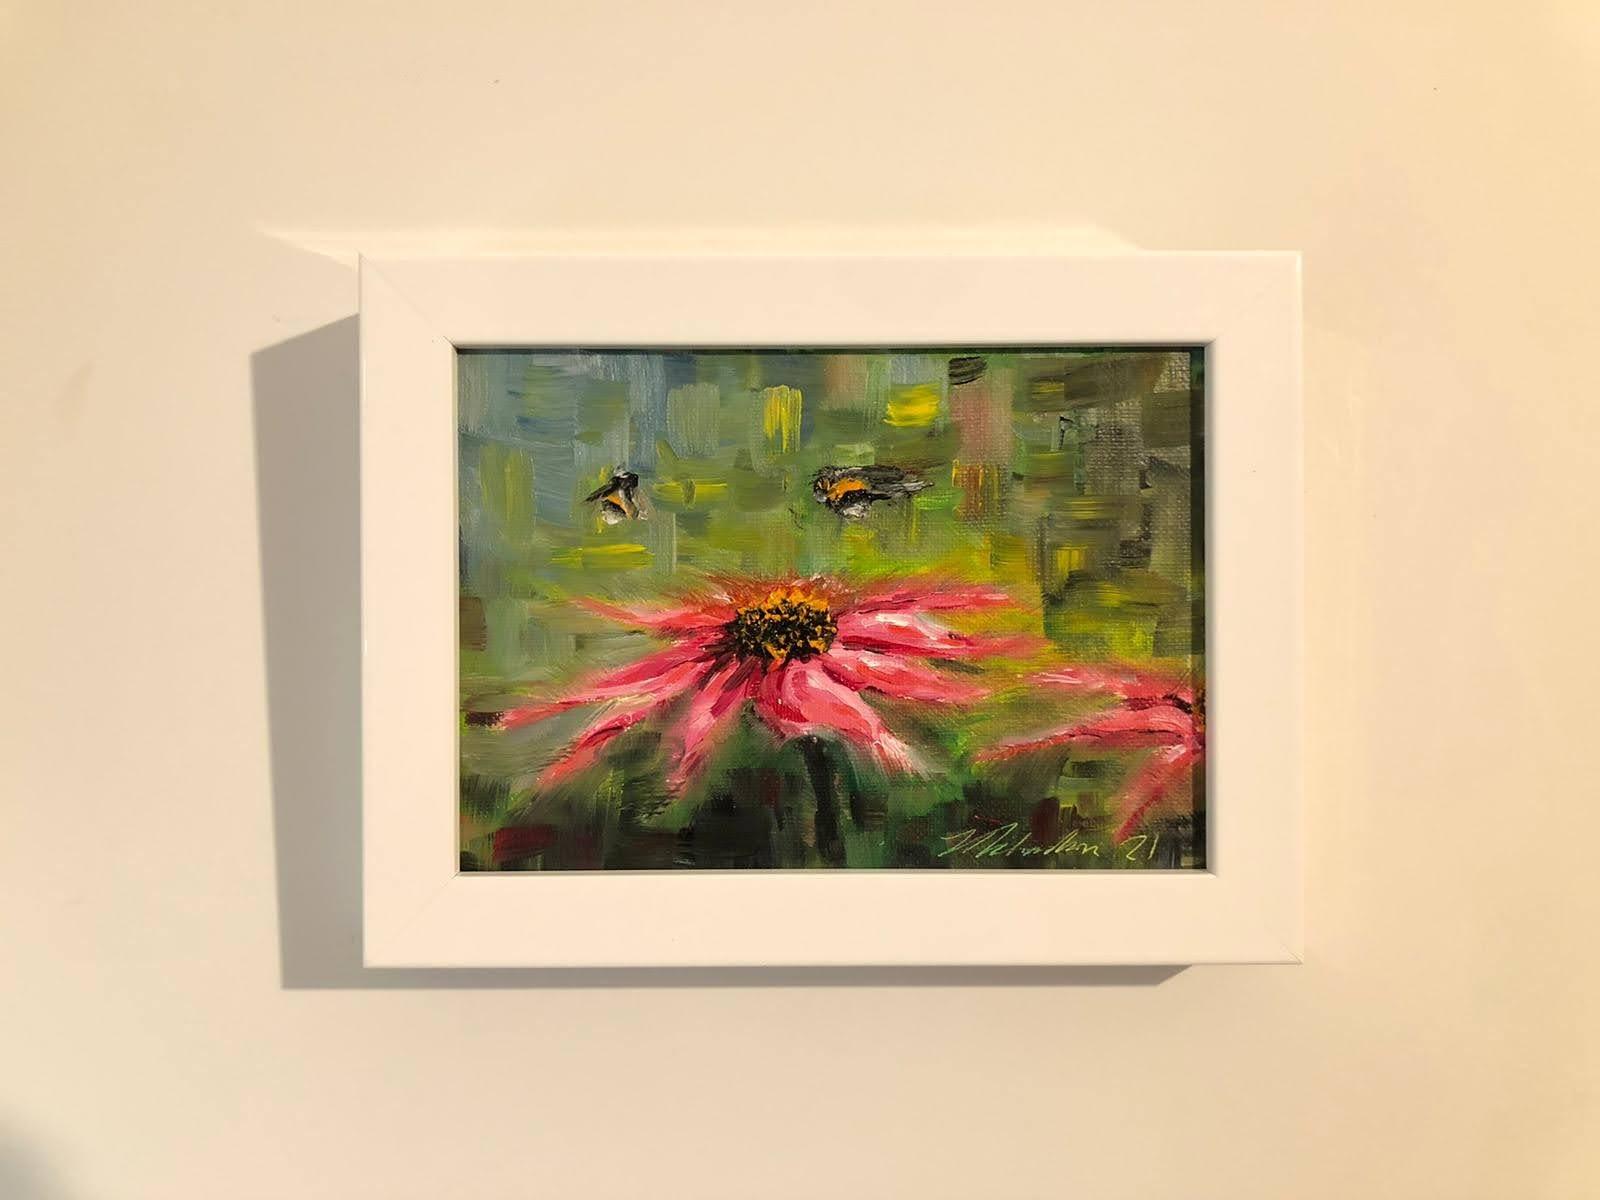 Bees and Echinacea II